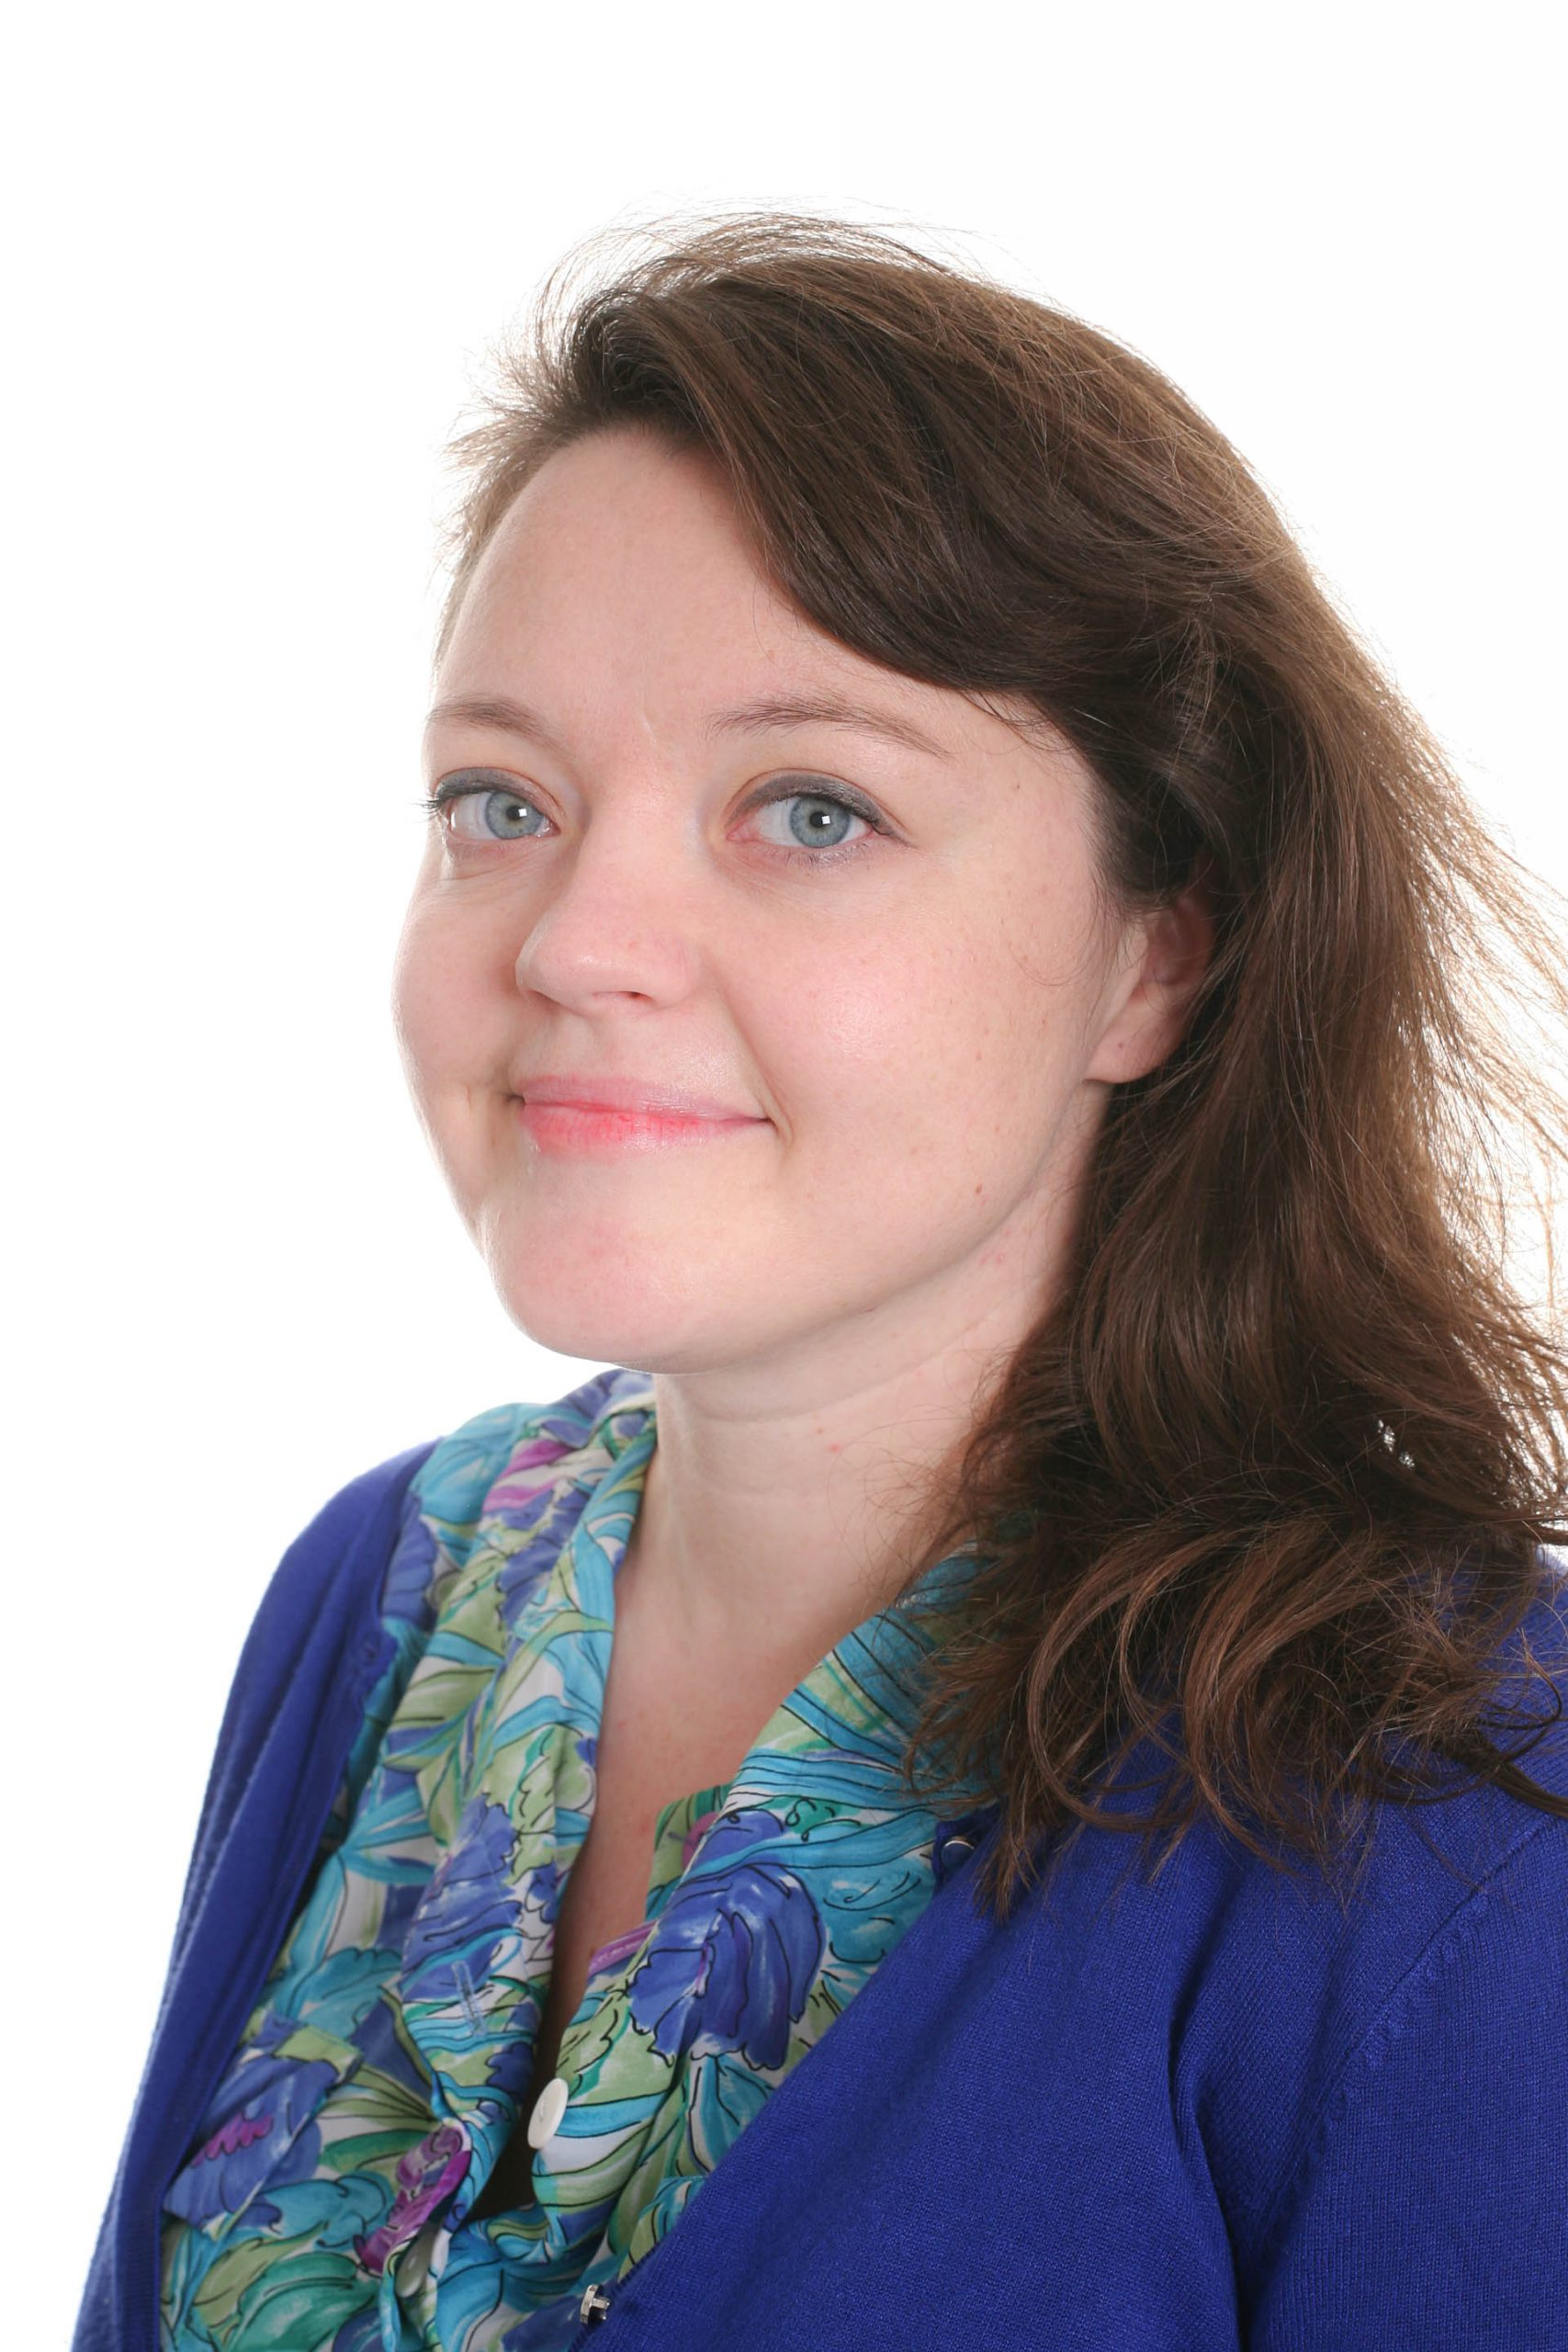 Abigail Scotchbrook : Year 5 teacher